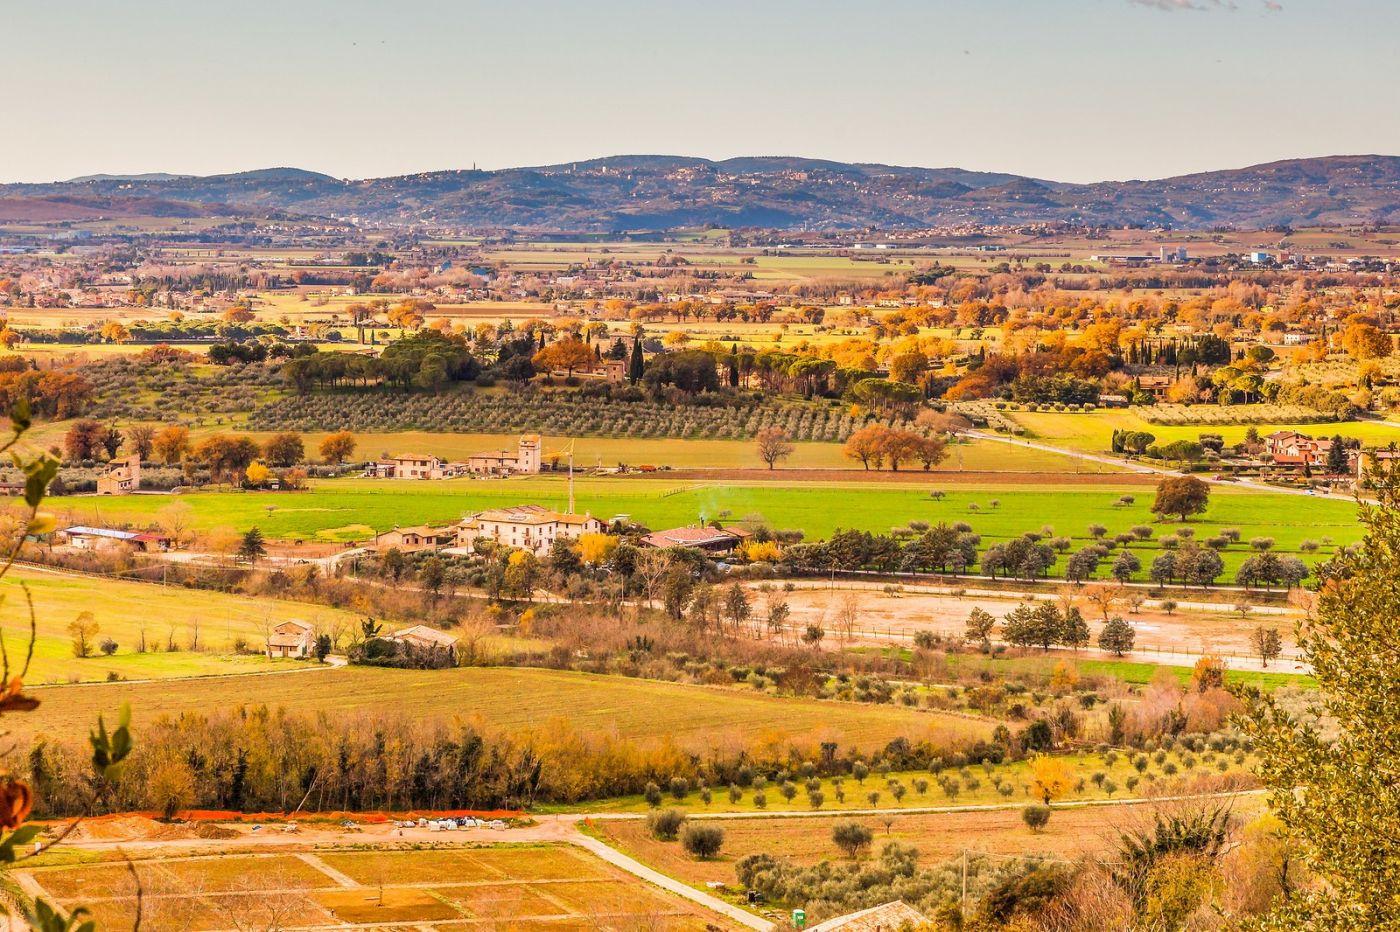 意大利阿西西(Assisi), 登高放眼_图1-13